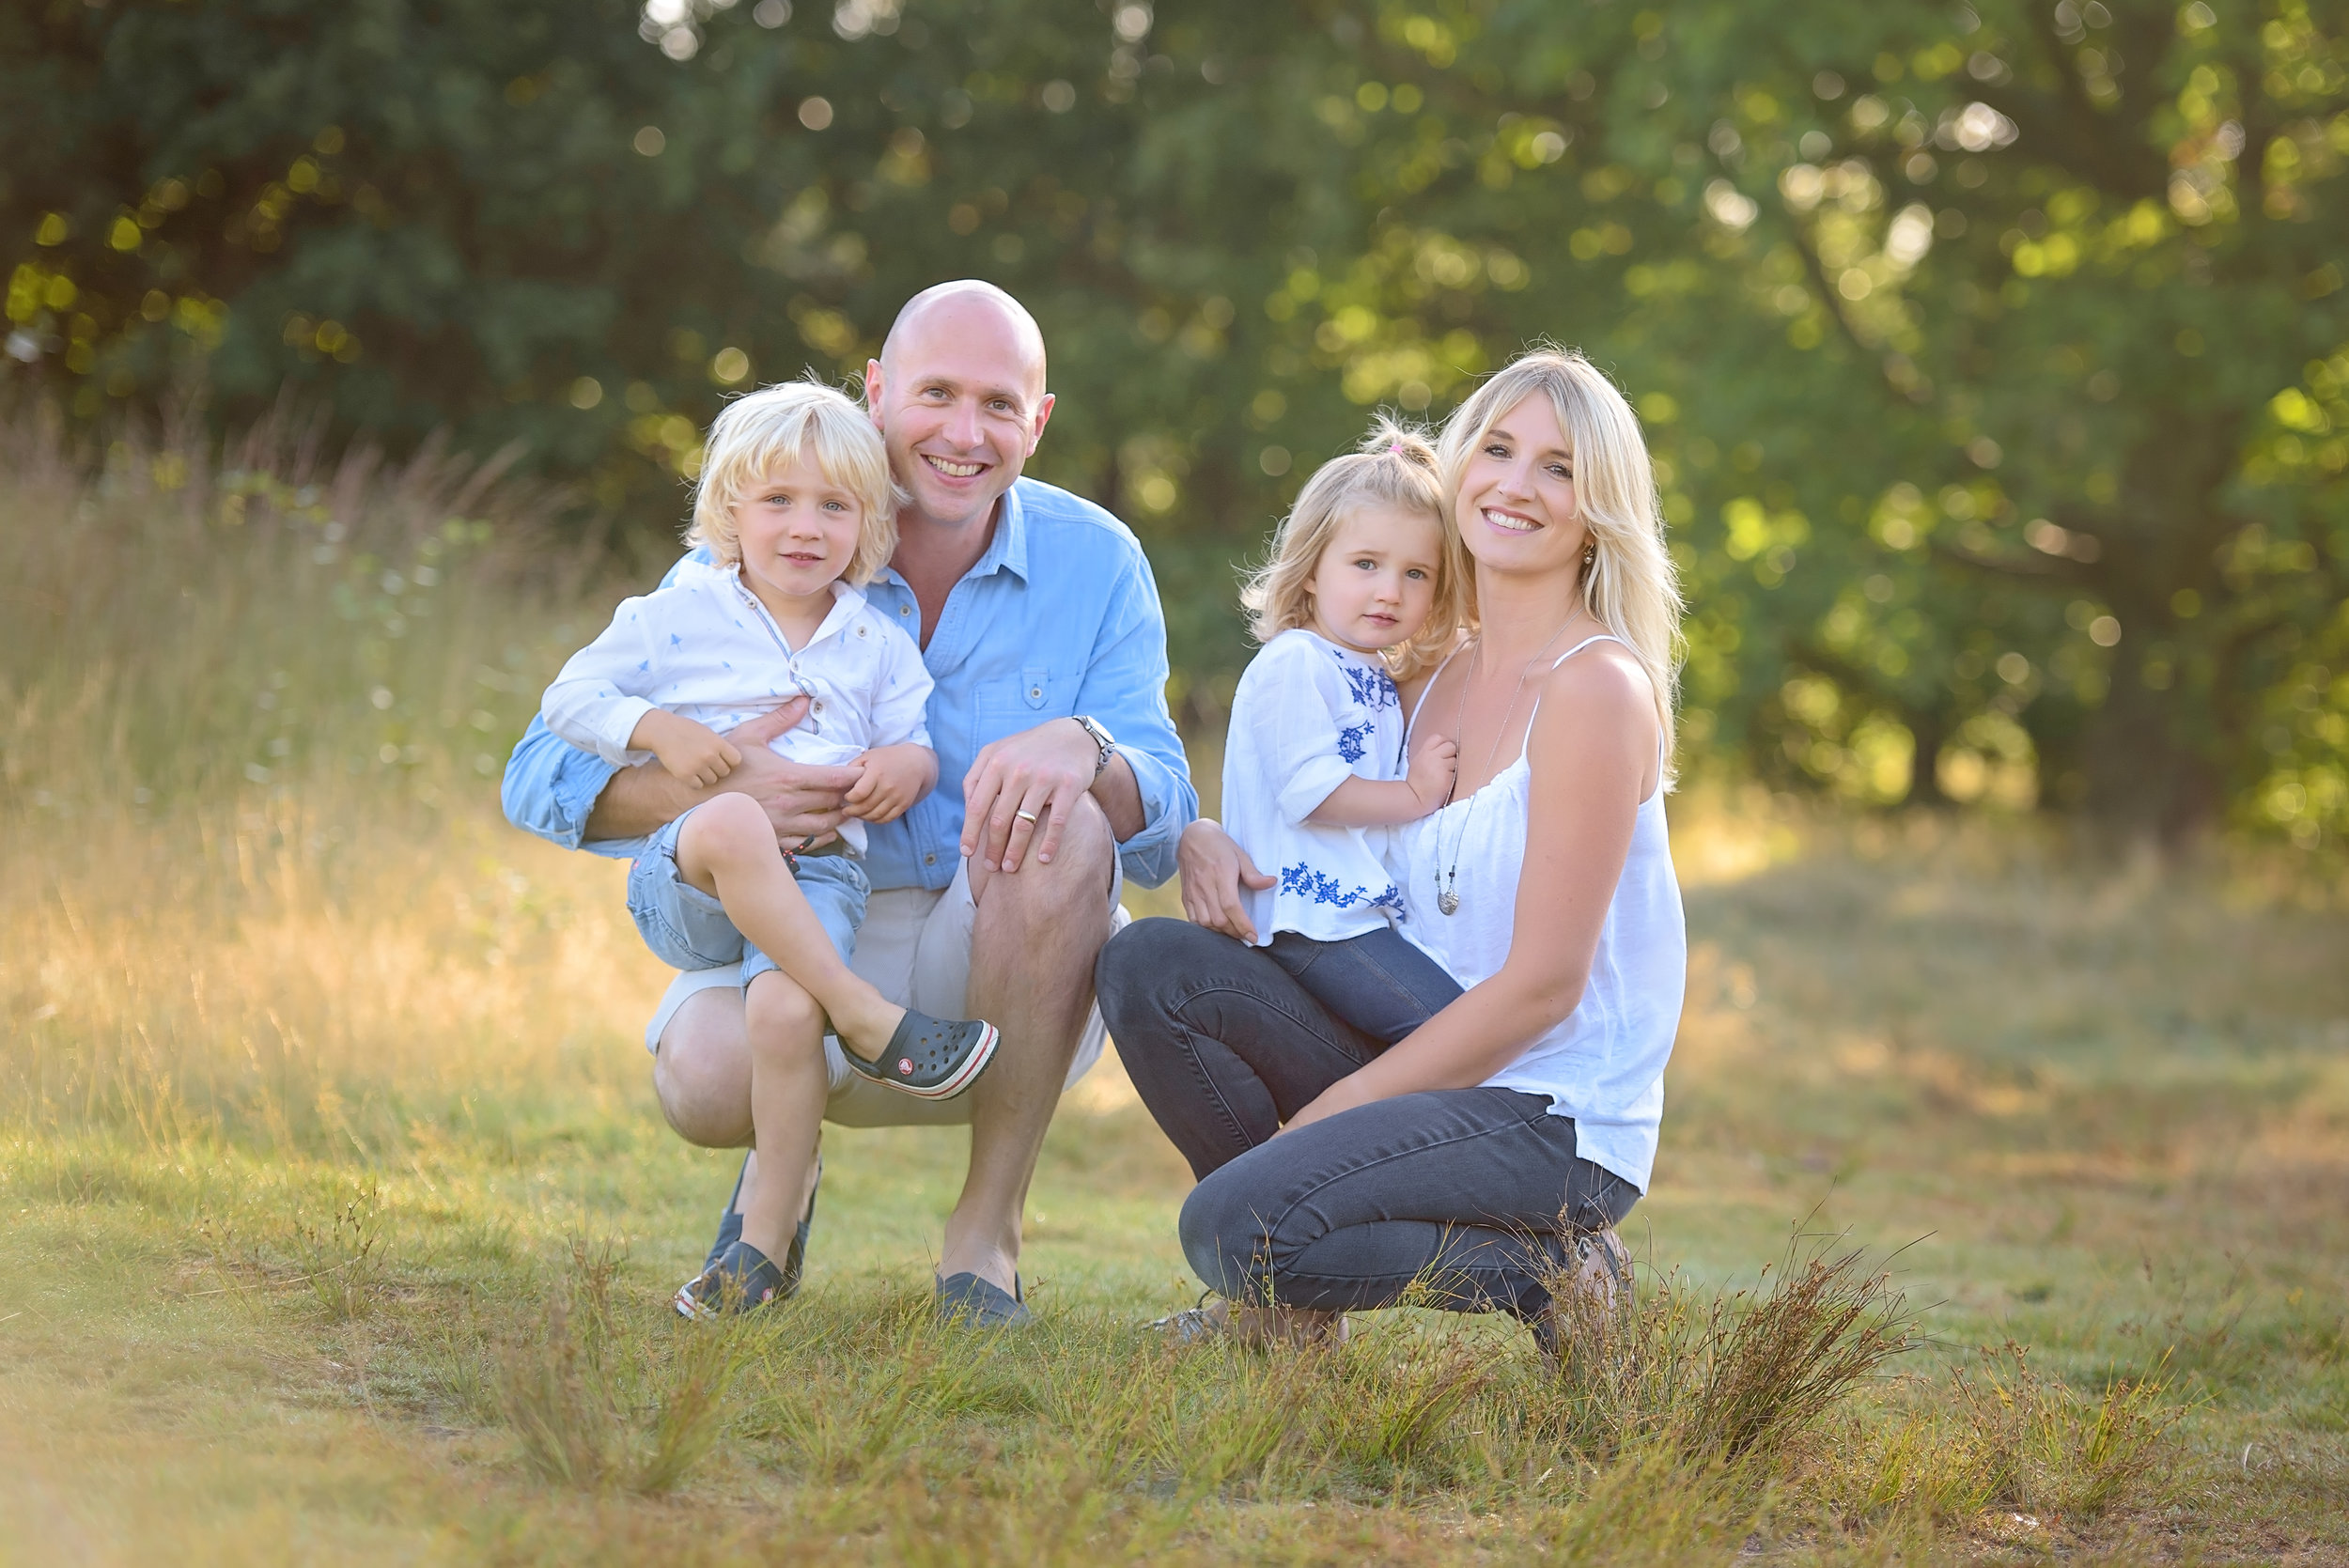 Raynes Park family photographer